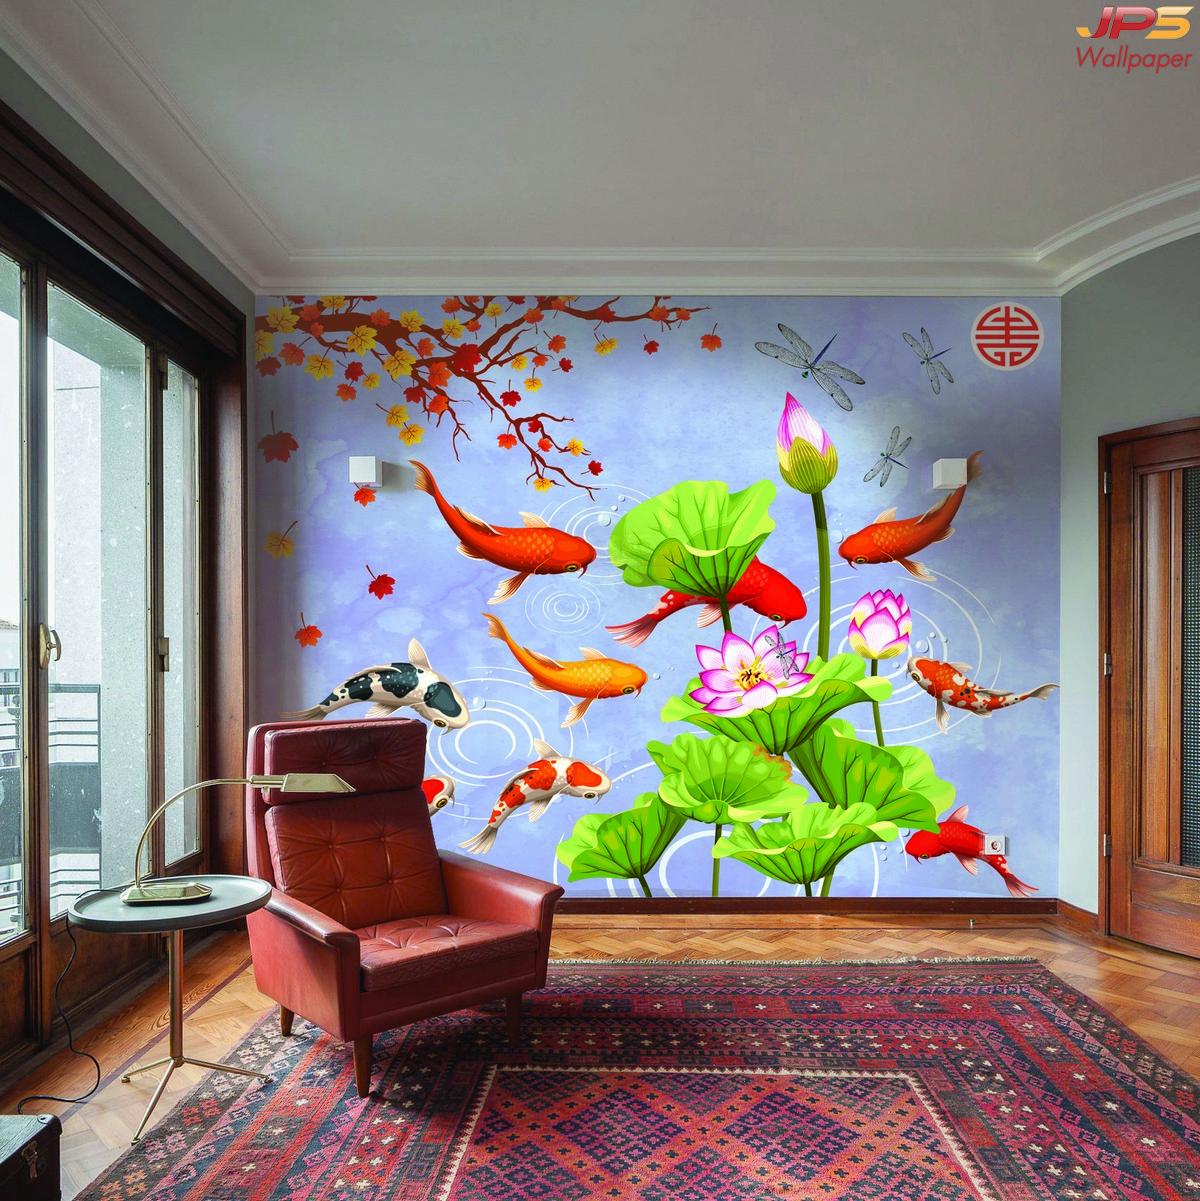 วอลเปเปอร์สั่งพิมพ์ลายสัตว์มงคล ห้องนั่งเล่นเสริมมงคล รูปมงคลเรียกทรัพย์ ภาพมงคลติดห้องนั่งเล่น ภาพปลาคราฟ